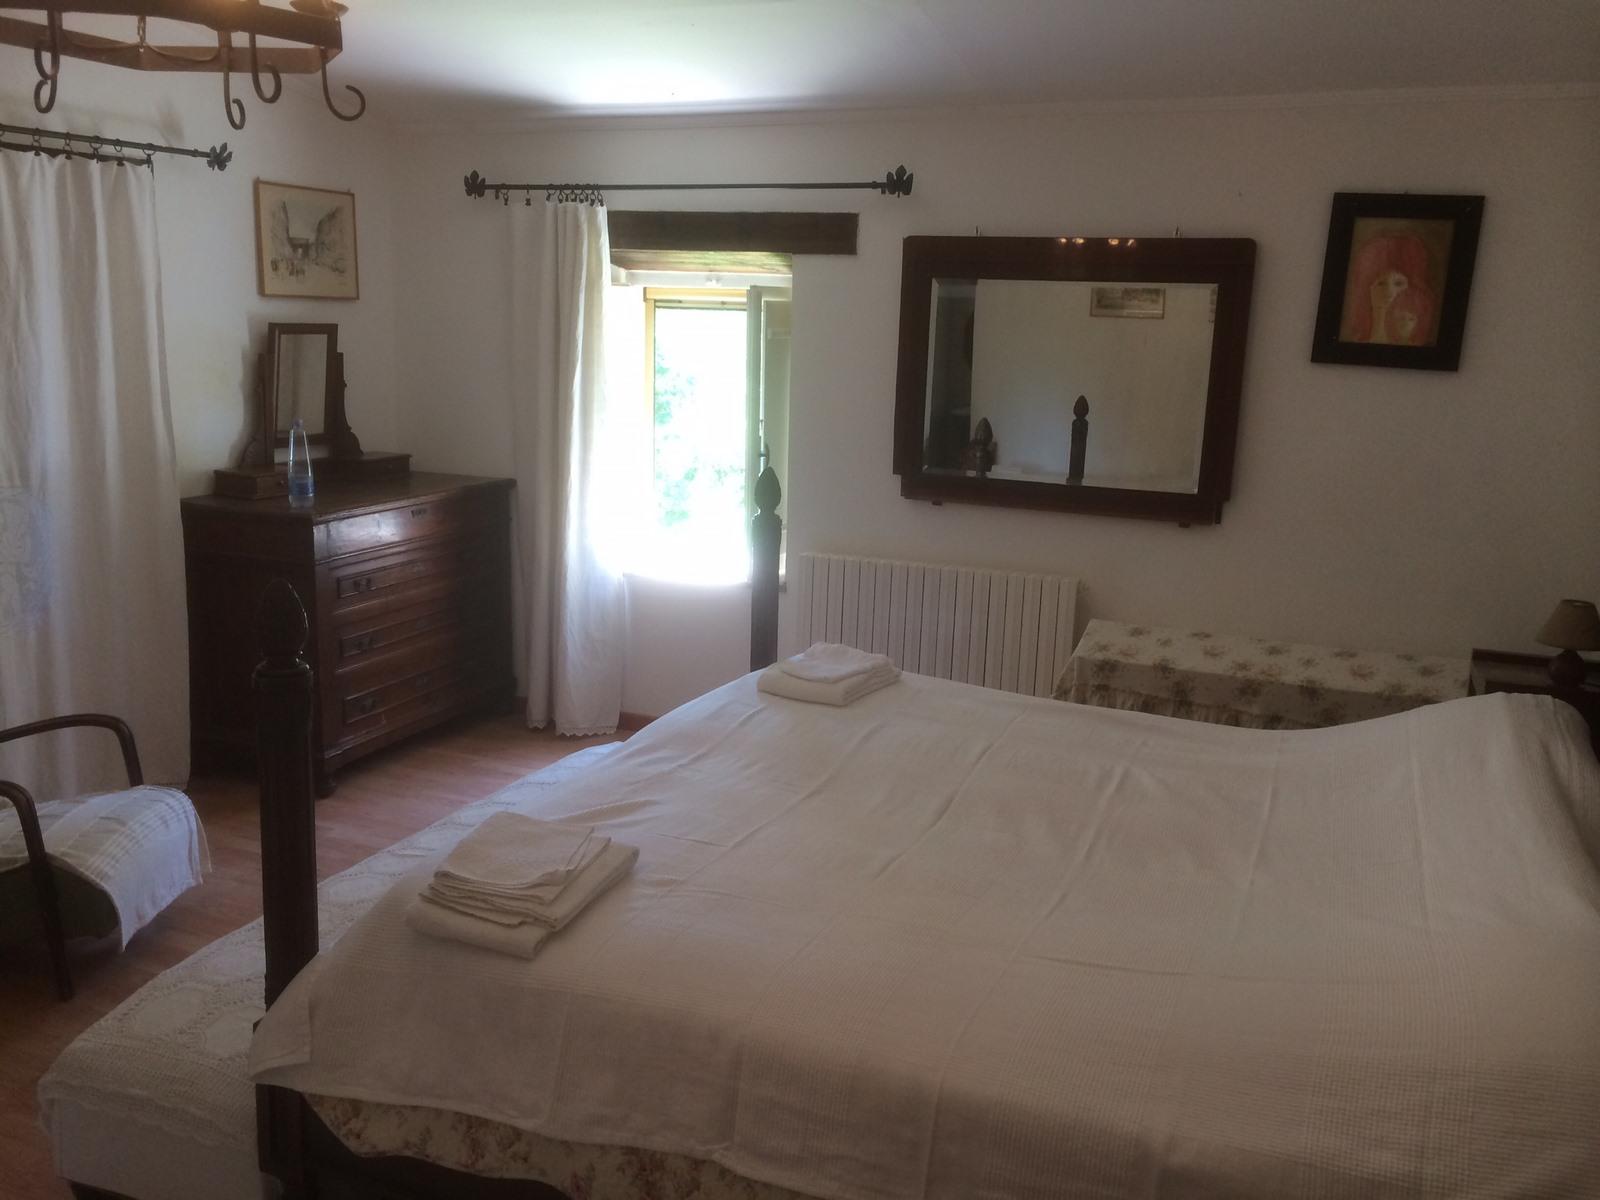 Ferienhaus Pescatore (870454), Fano (IT), Adriaküste (Marken), Marken, Italien, Bild 17